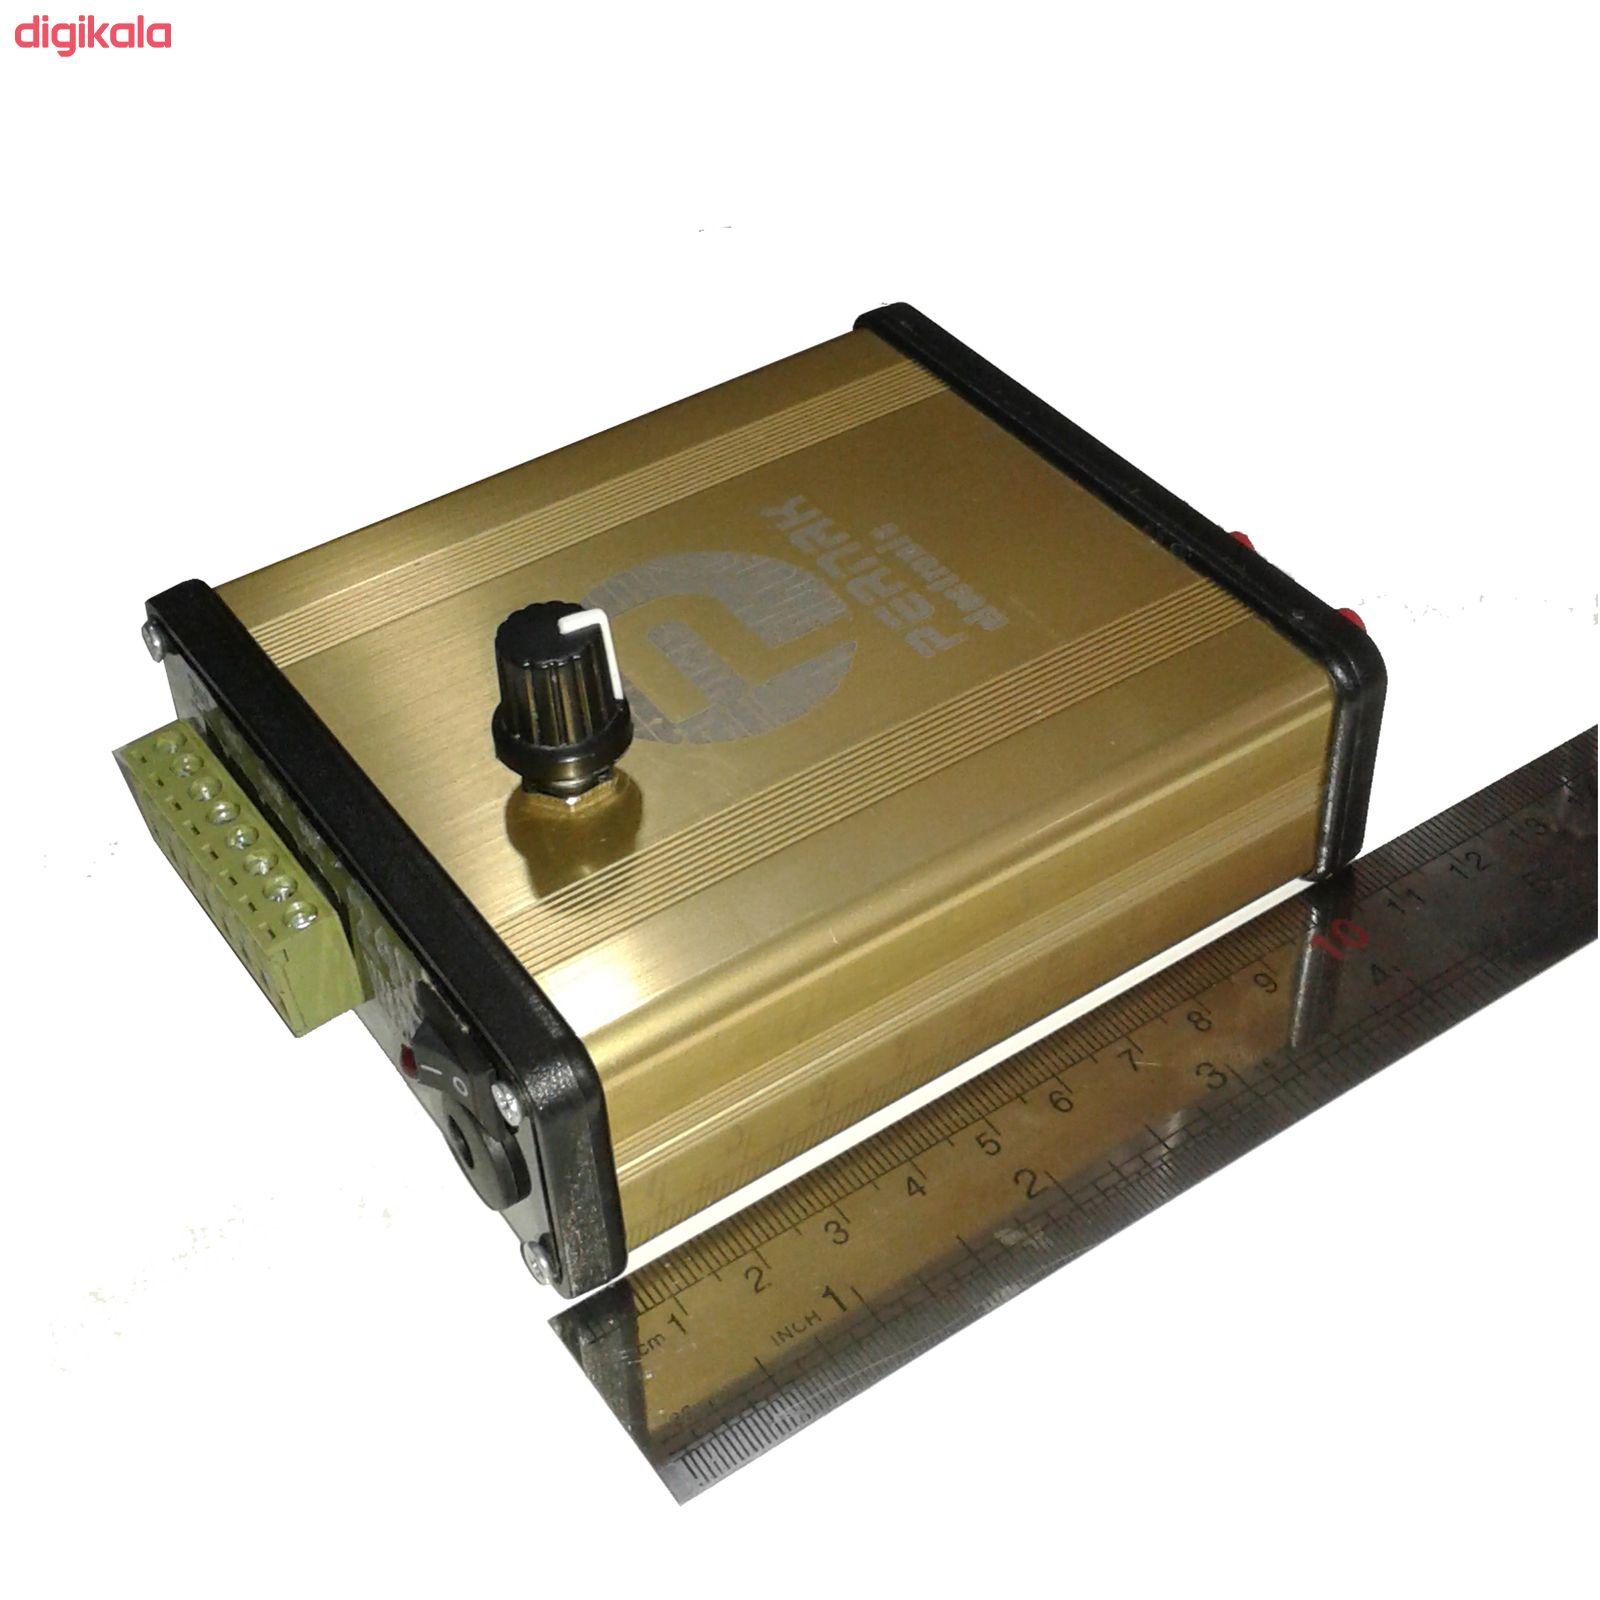 پخش کننده خانگی پرناک مدل me820 main 1 1